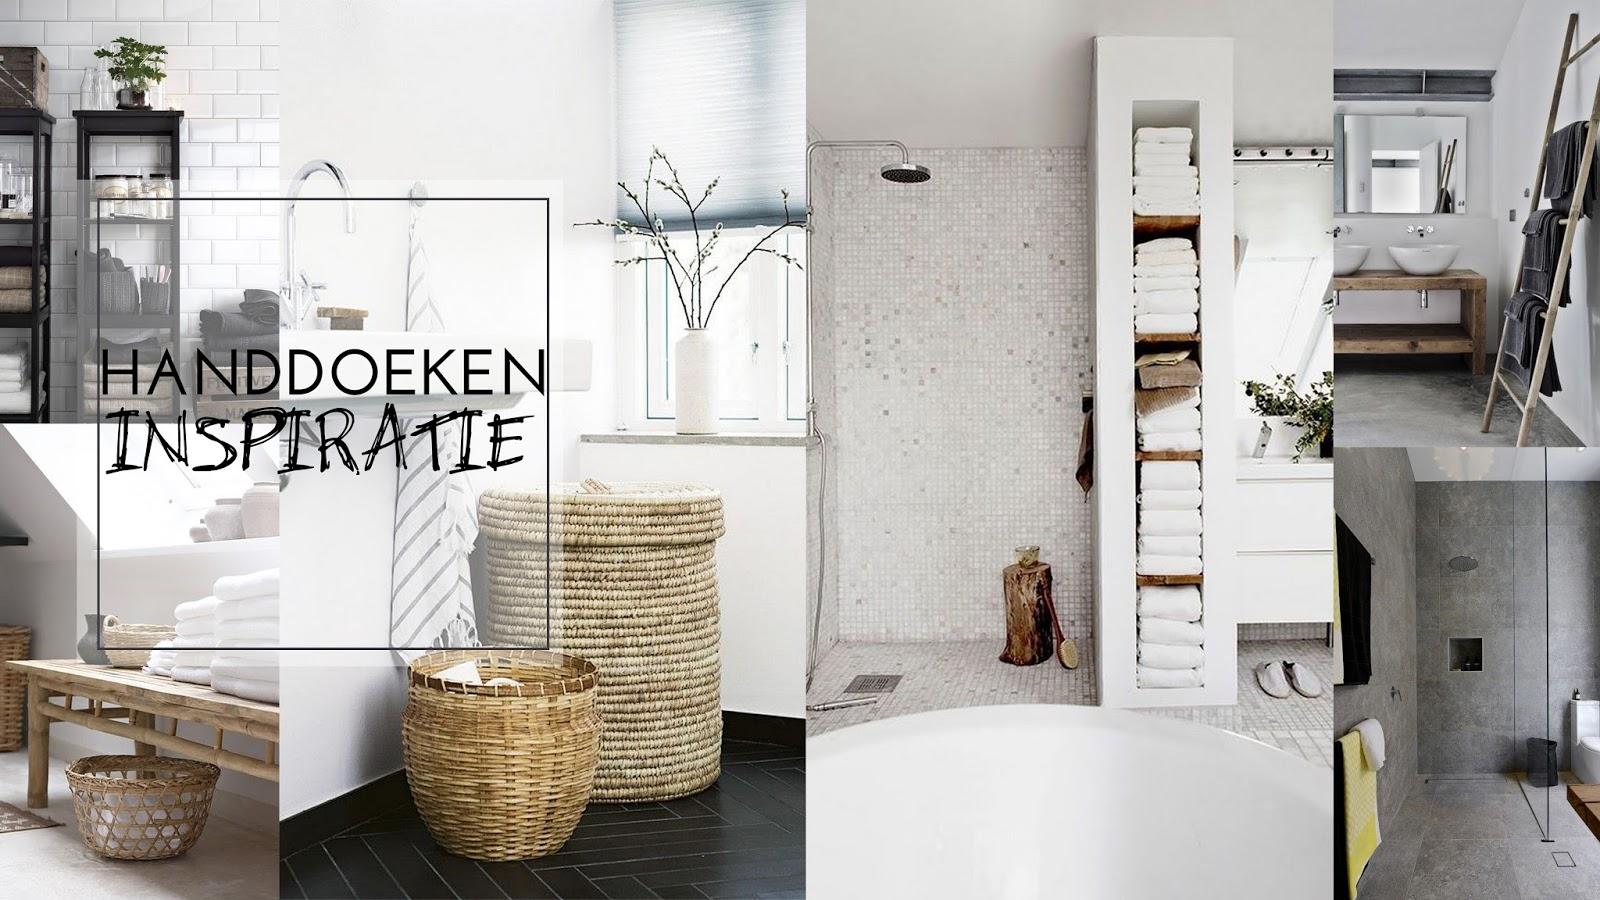 Ikea Badkamer Handdoeken – devolonter.info